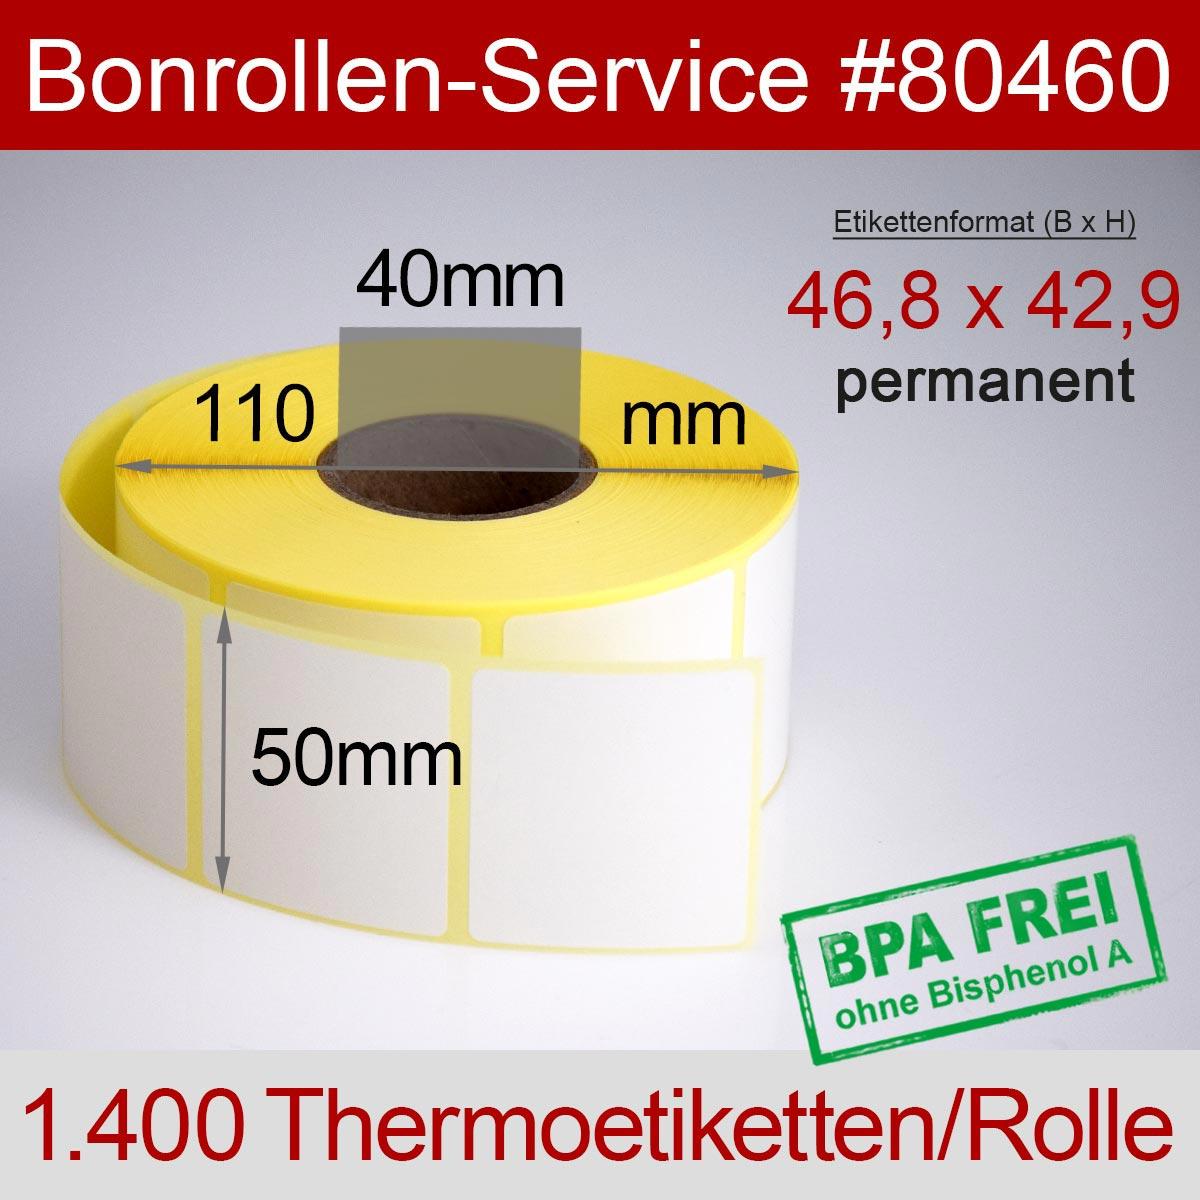 Thermo-Etikettenrollen BPA-frei 46,8mm x 42,9mm für Avery Berkel, permanent - Detailansicht